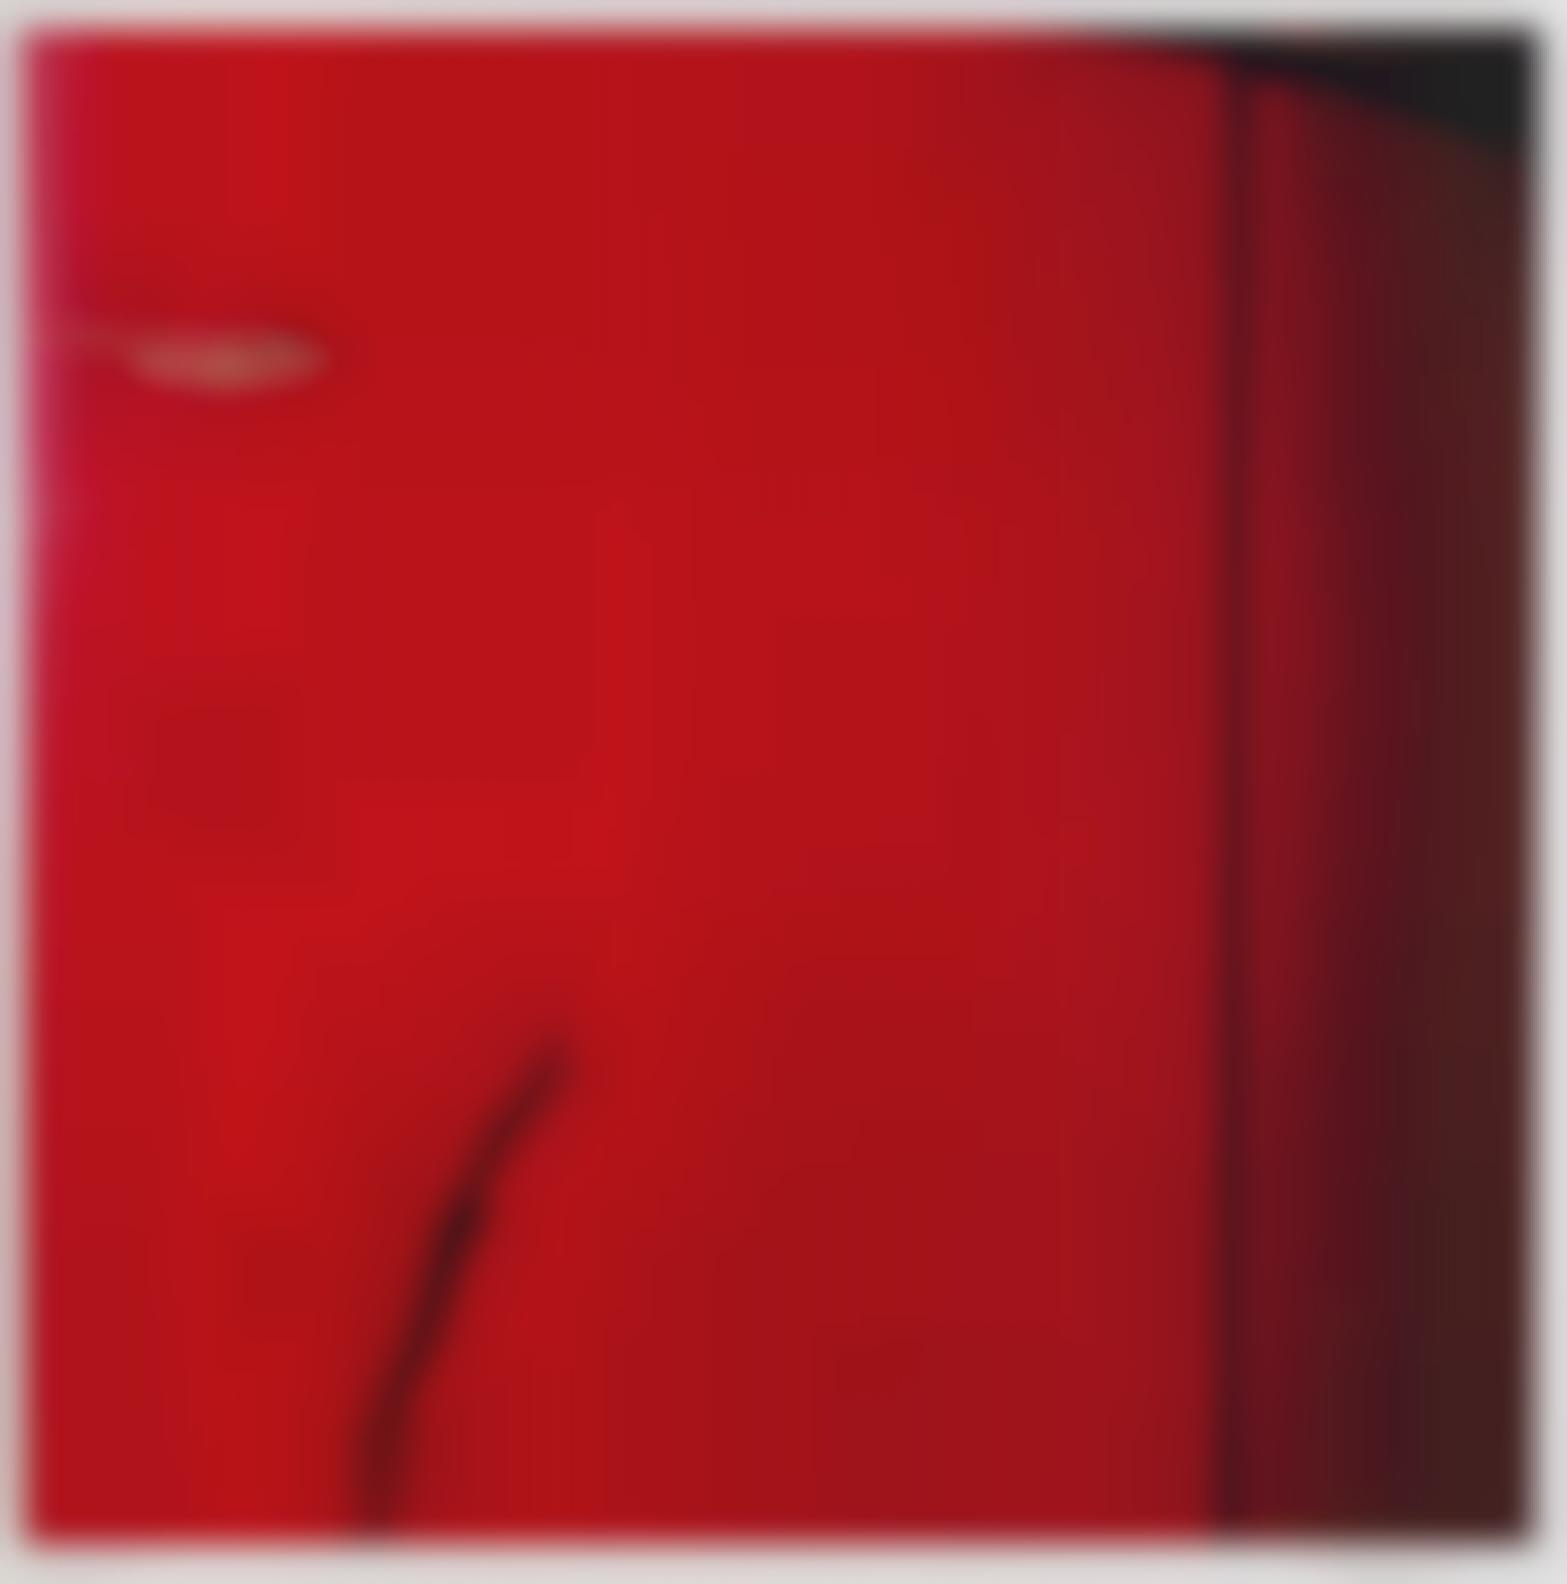 Jan Dibbets-Colour Studies I-X-1976